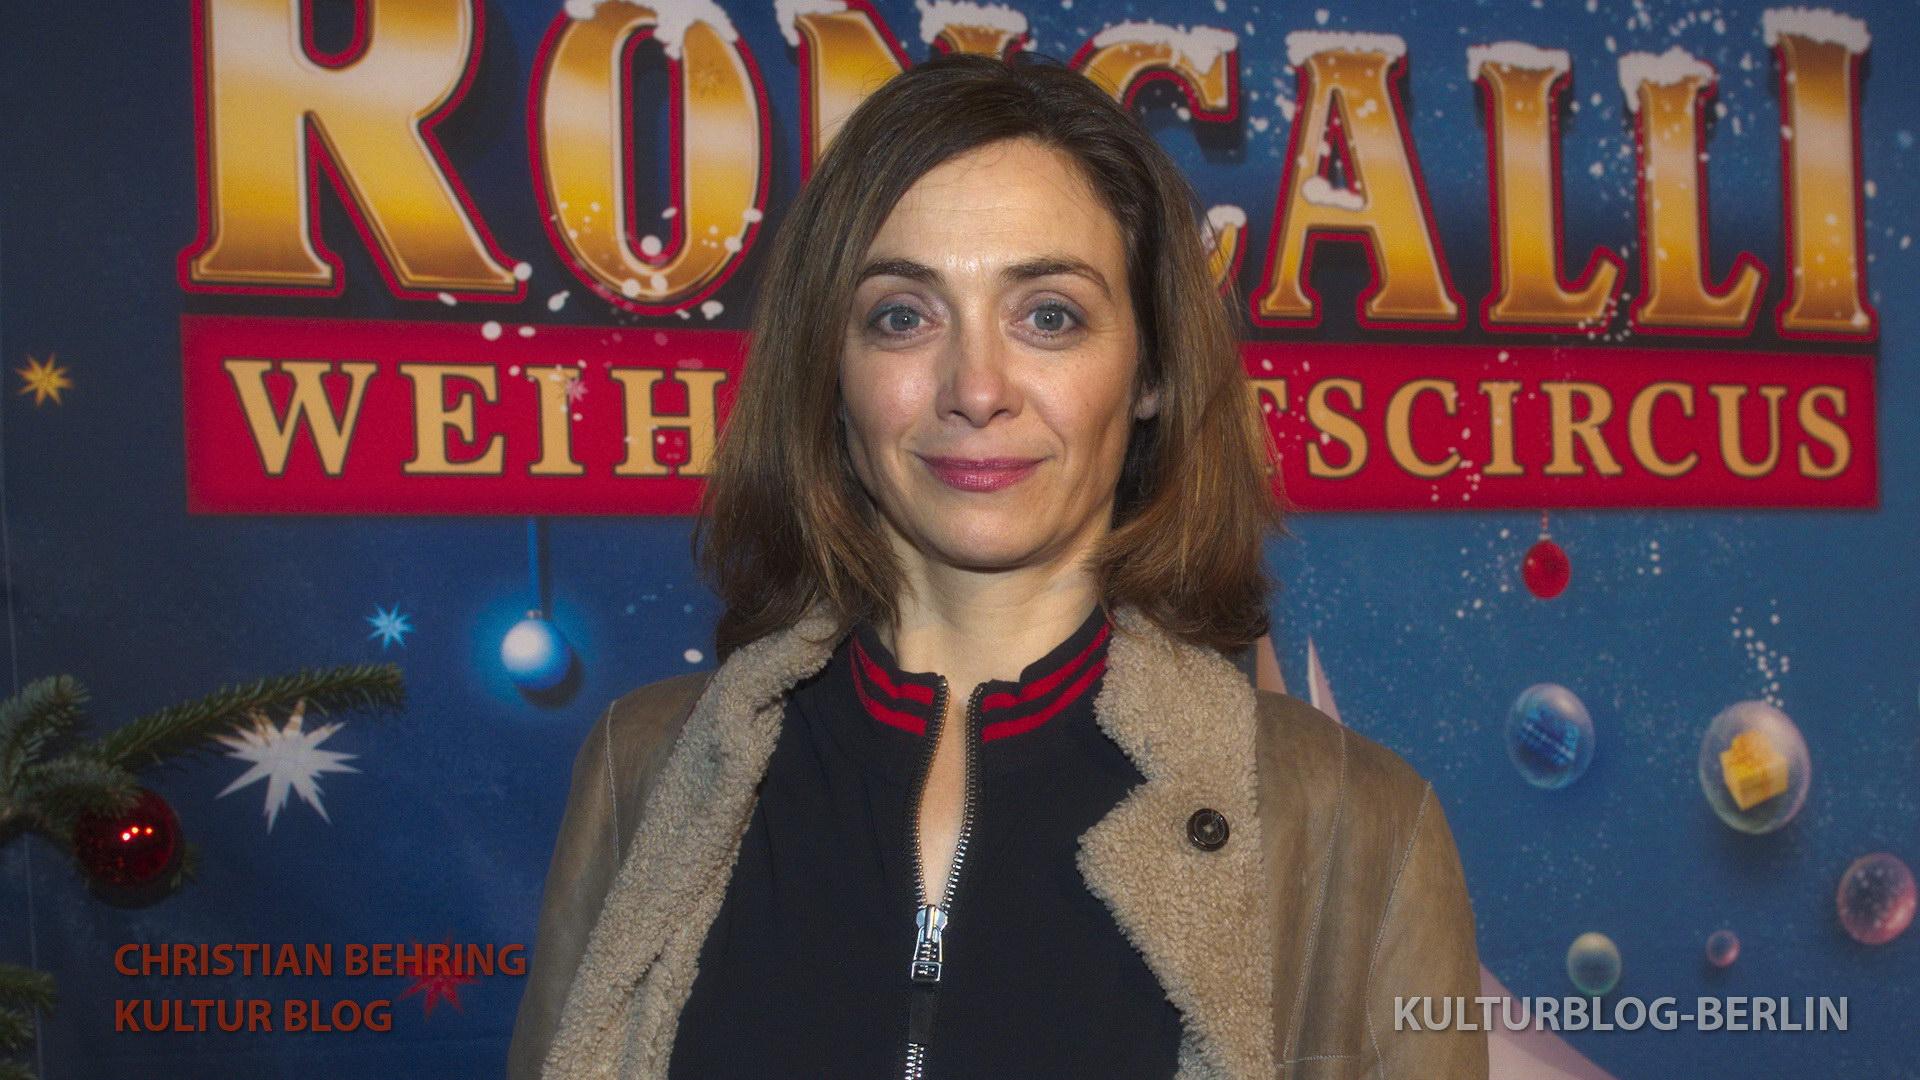 Weihnachten, Premiere Roncalli Weihnachtscircus, Tempodrom, Berlin, 19.12.2019